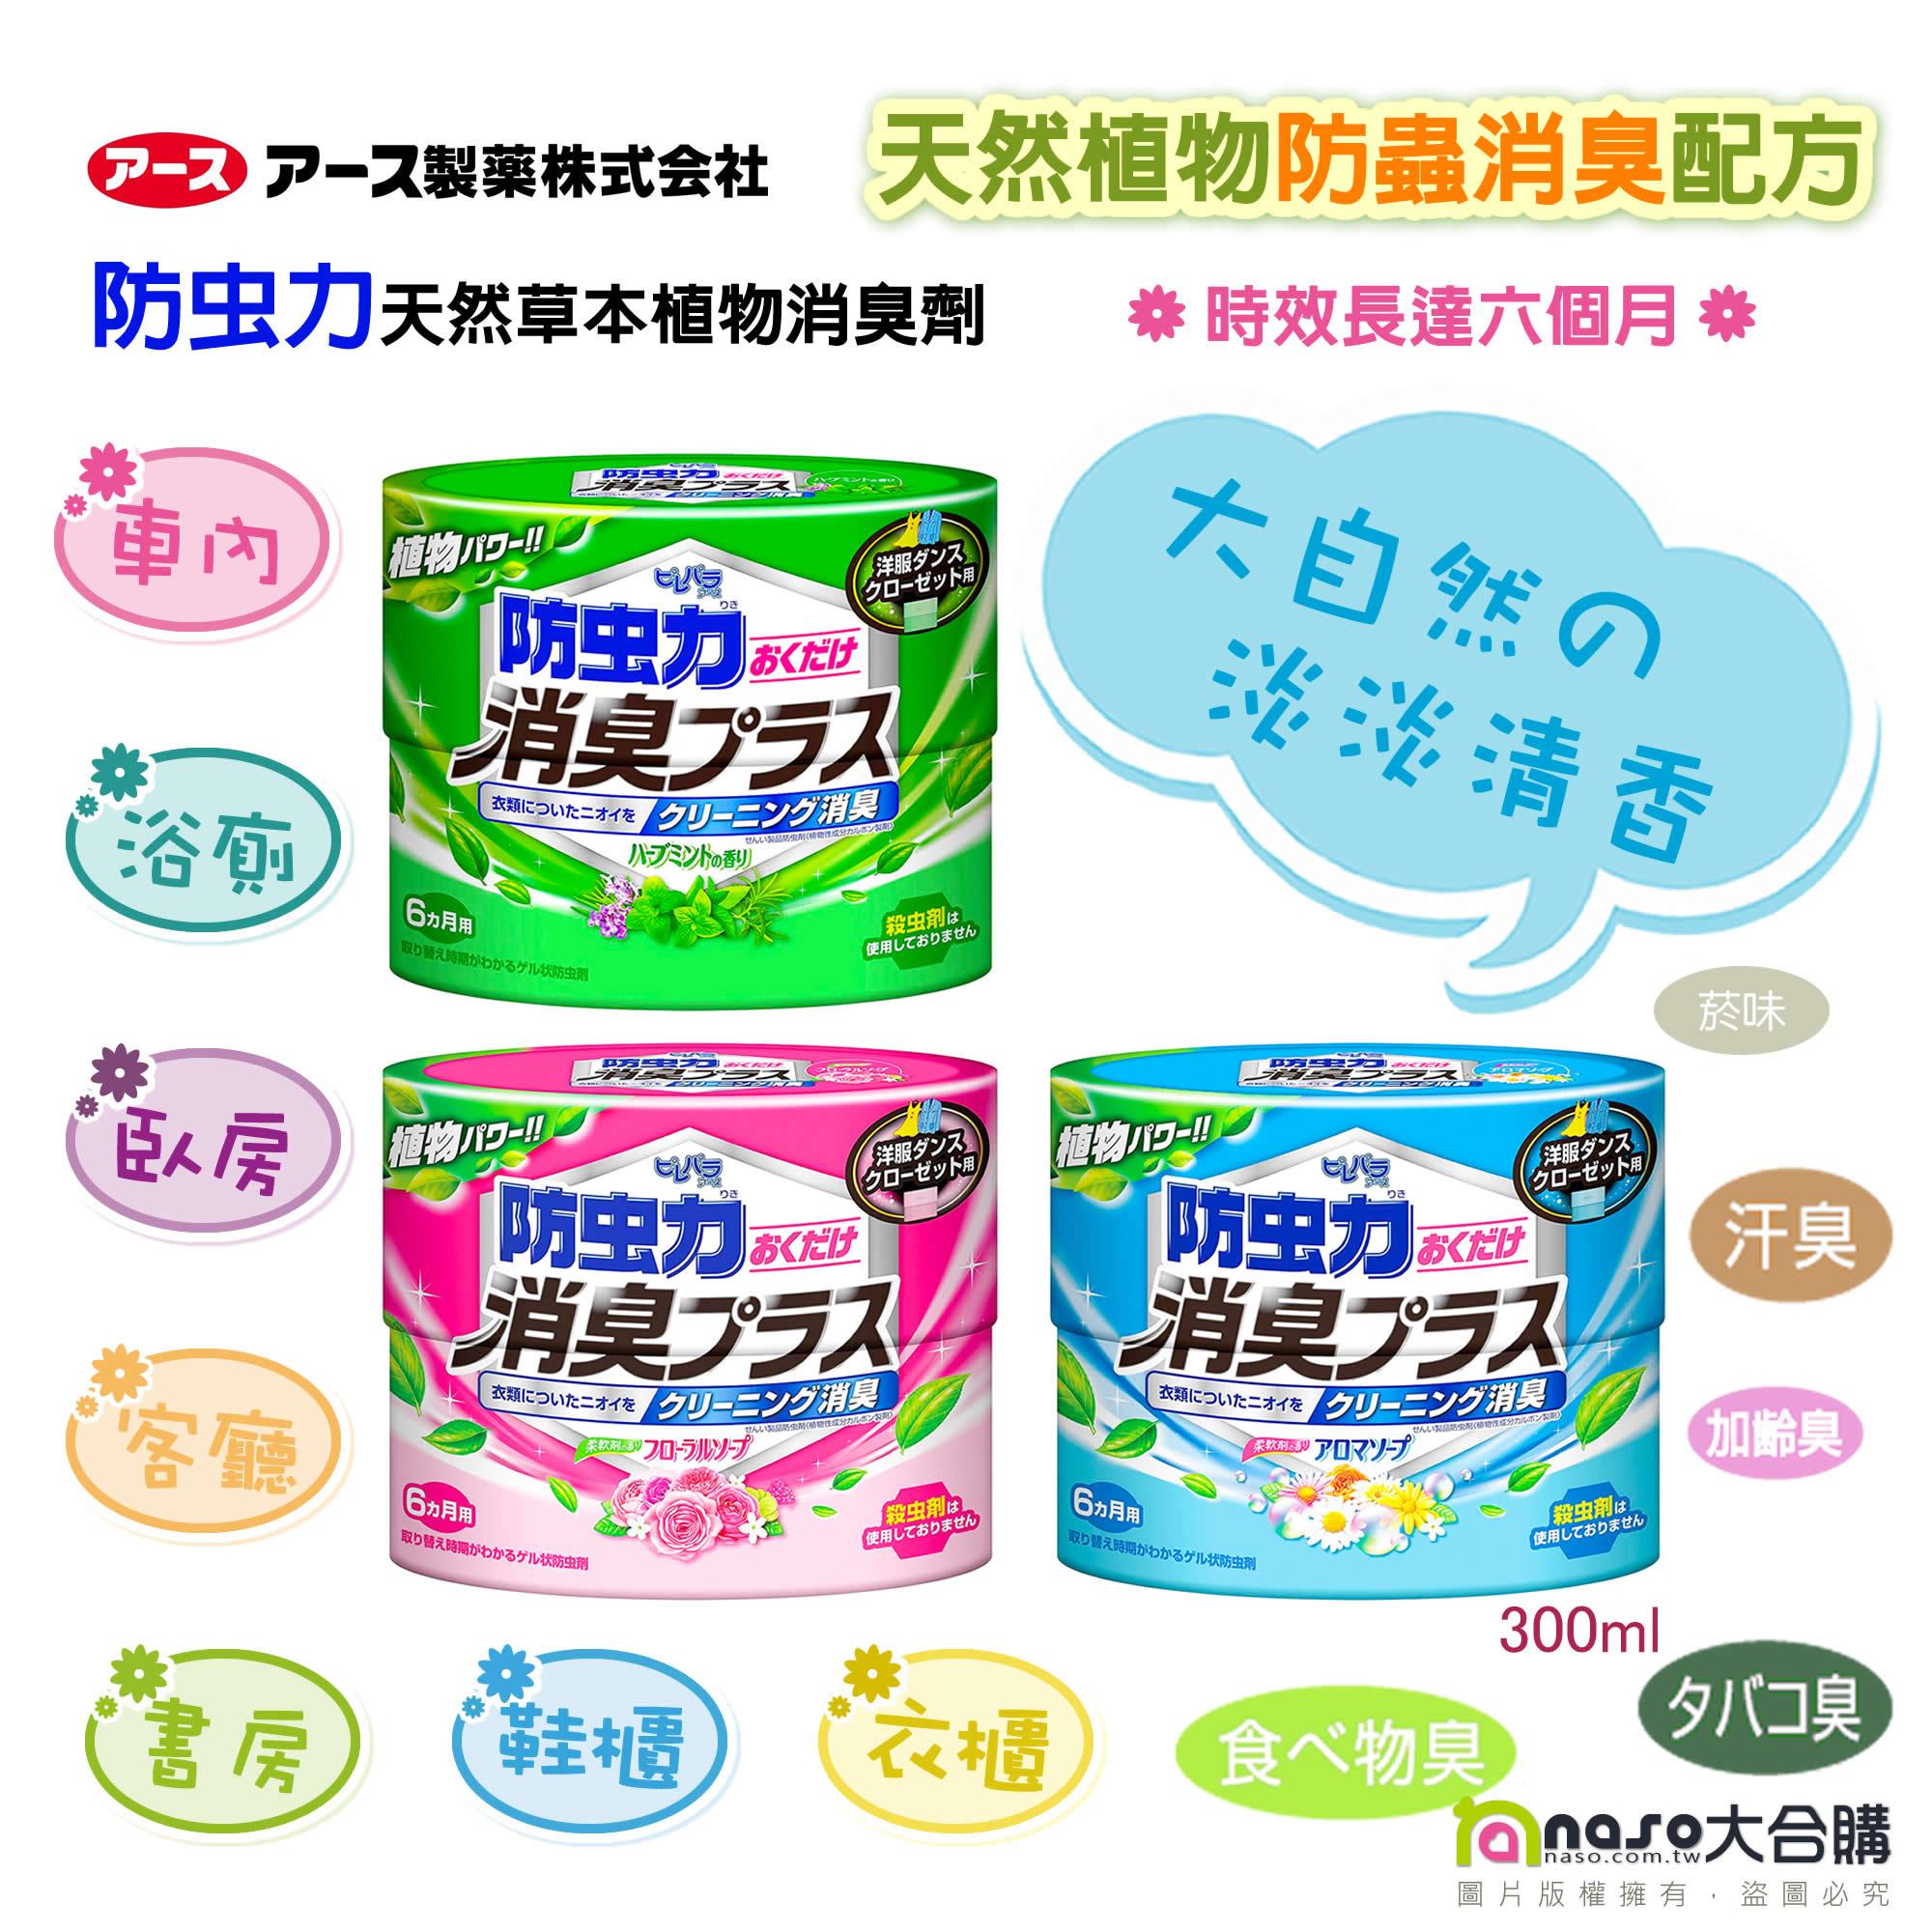 日本EARTH製藥 天然草本植物防蟲消臭劑 好評第7團